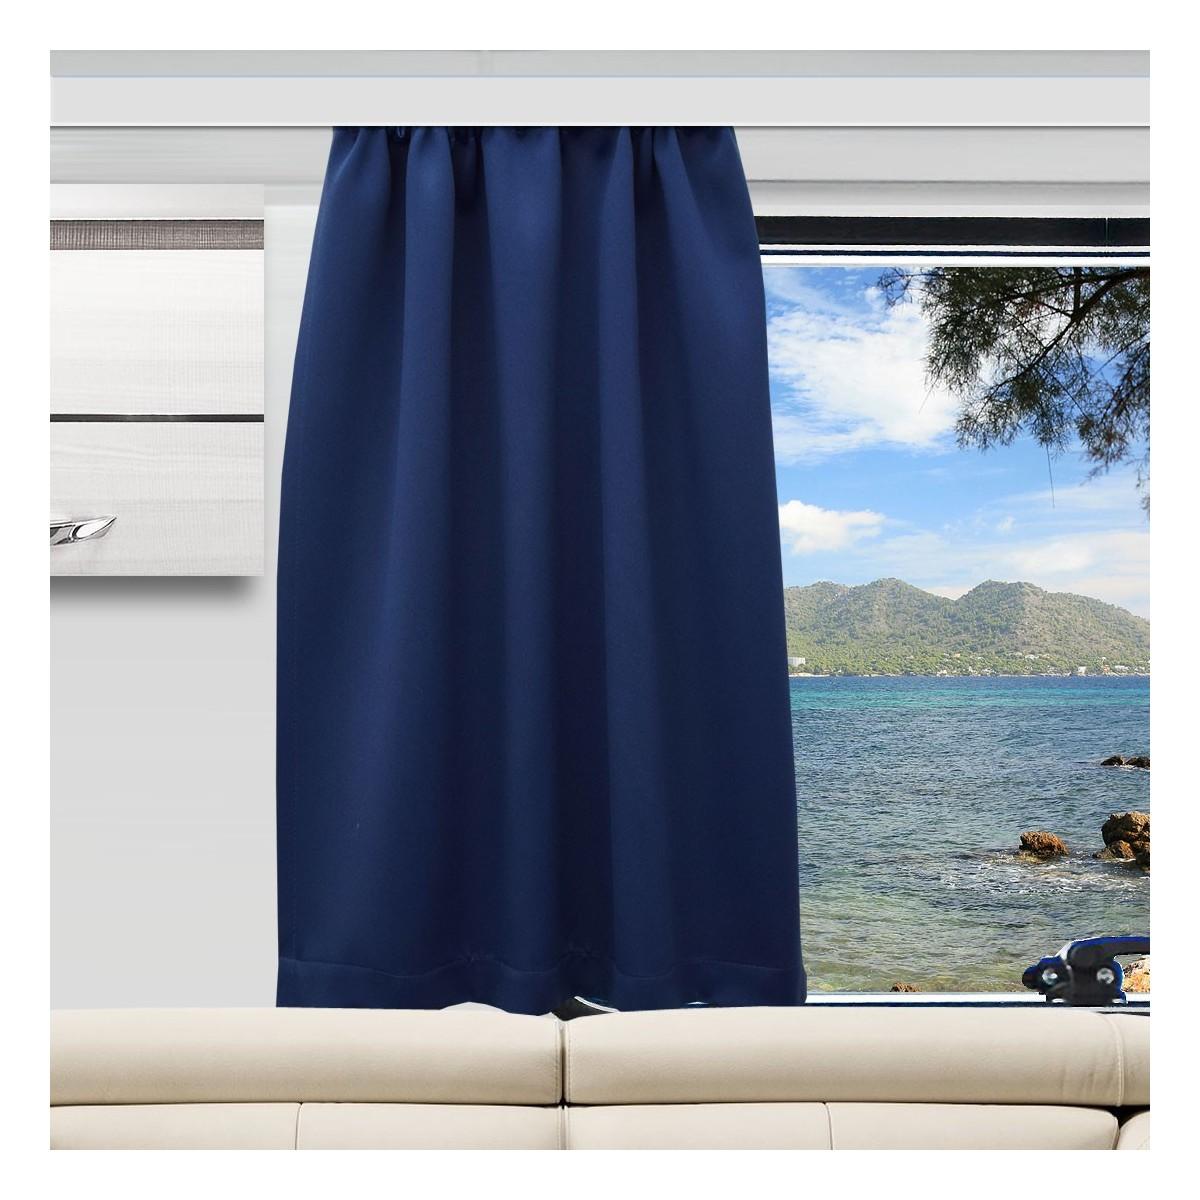 Wohnmobil-Vorhang Mattis blau